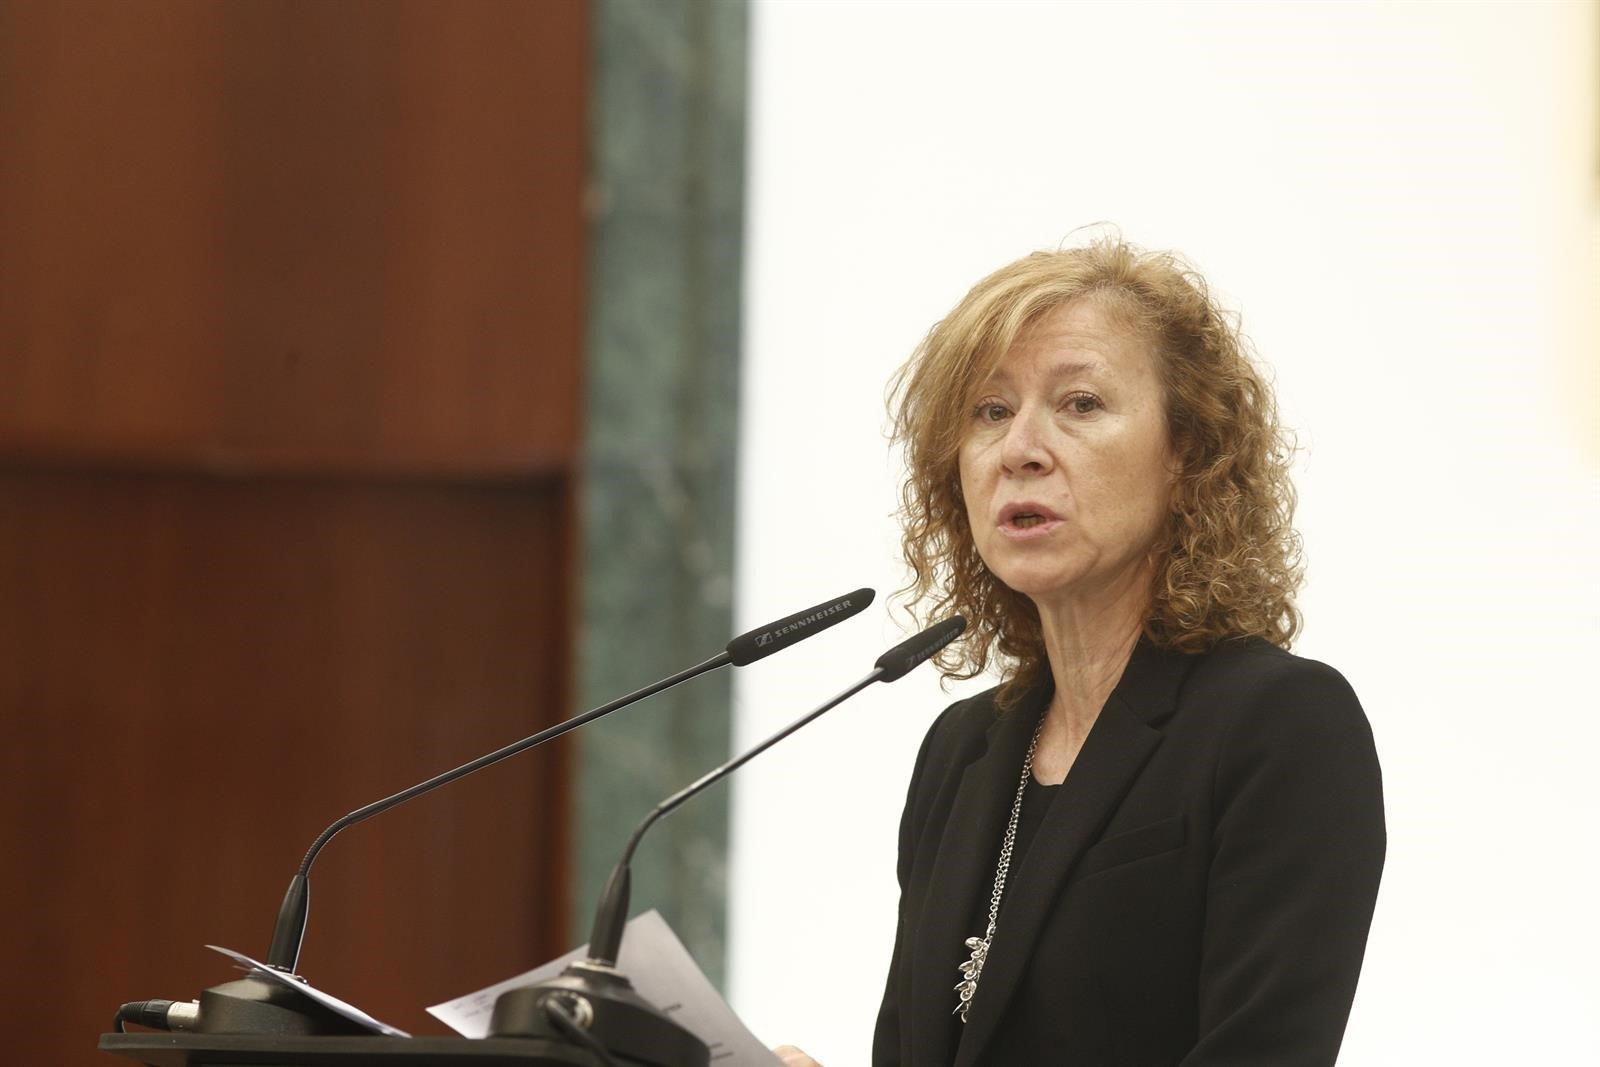 Fusiones bancarias. Margarita Delgado vuelve a la carga: la banca pequeña no es rentable